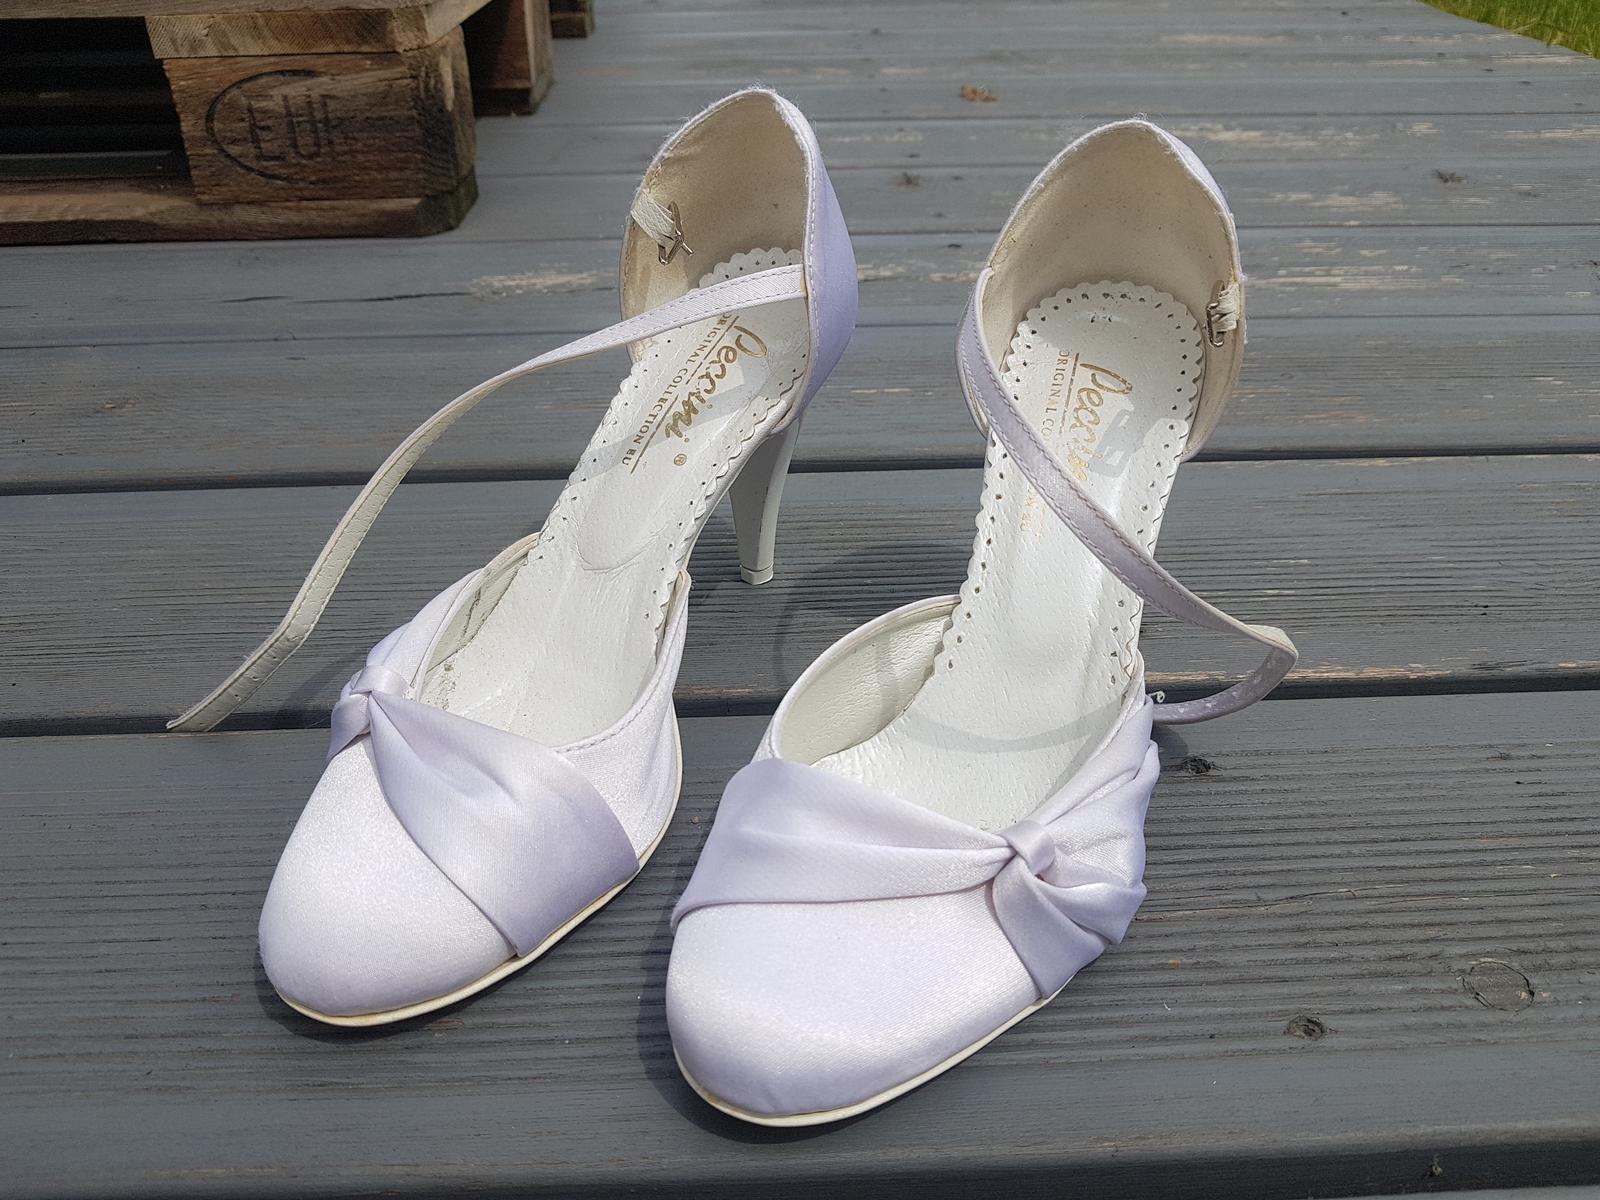 Svatební boty Peccini - Obrázek č. 1